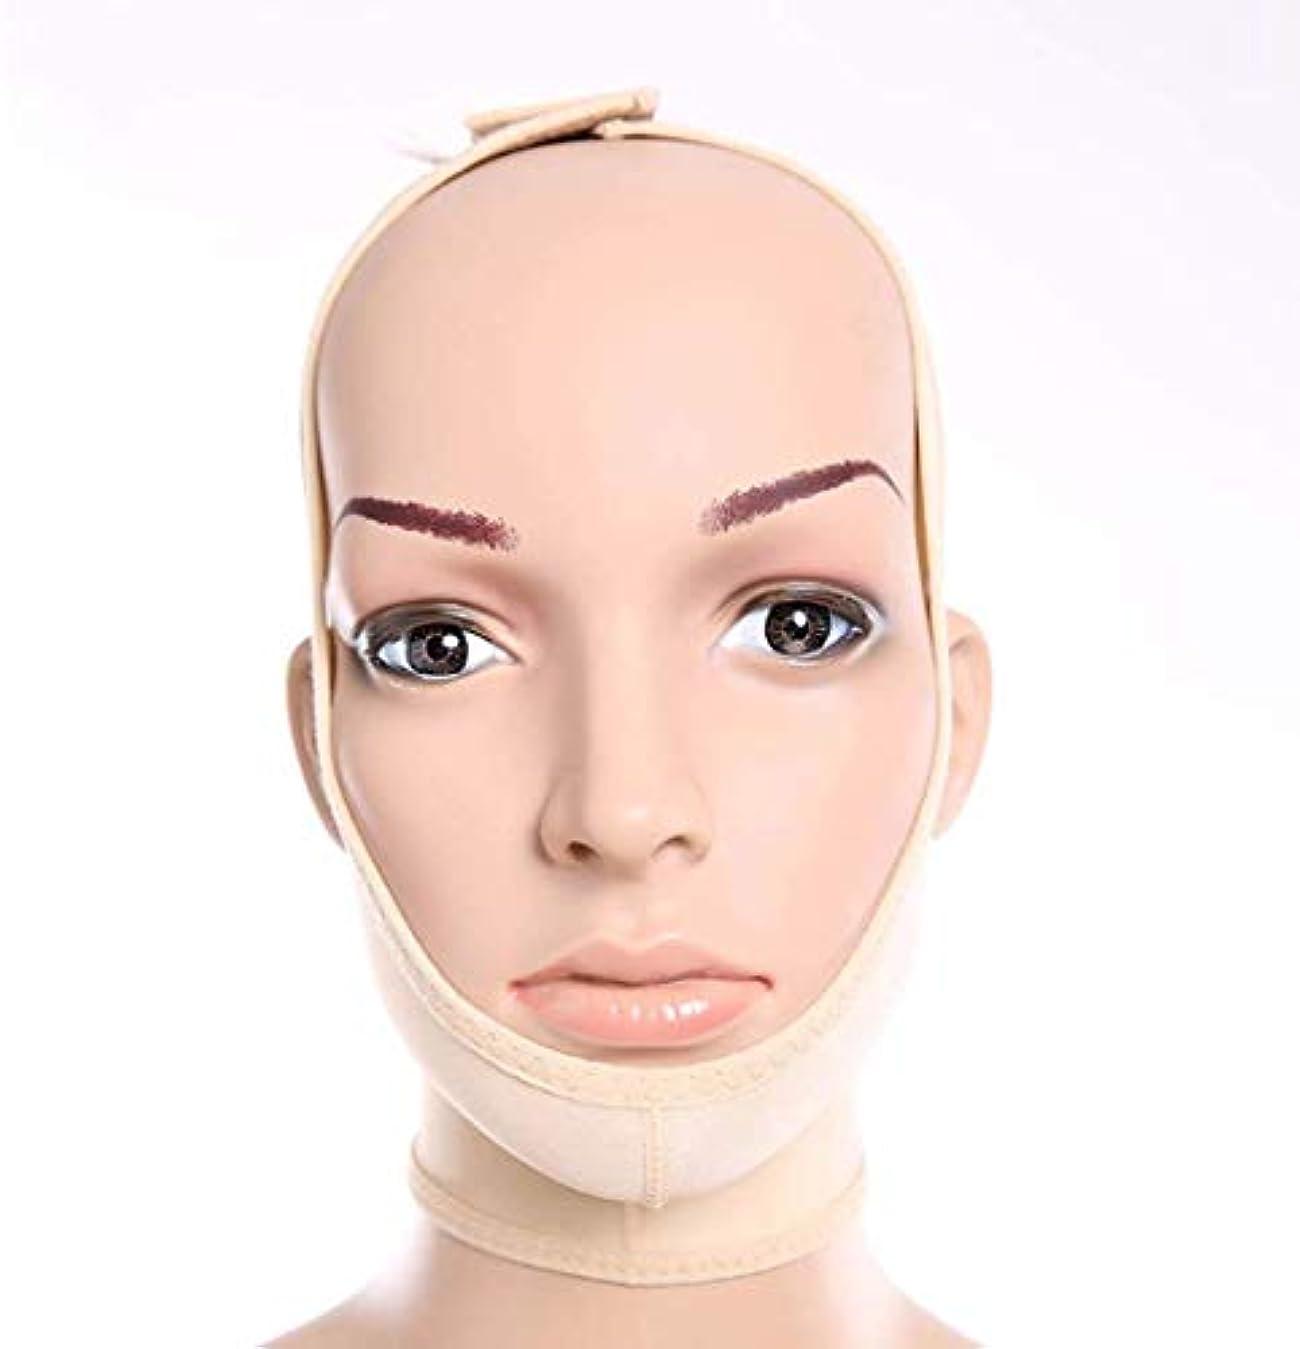 混乱した検体有害なSlim身Vフェイスマスク、顔と首のリフト、減量術後弾性スリーブ顎セット顔アーティファクトV顔顔面バンドルダブルあご薄い顔かつら(サイズ:S)